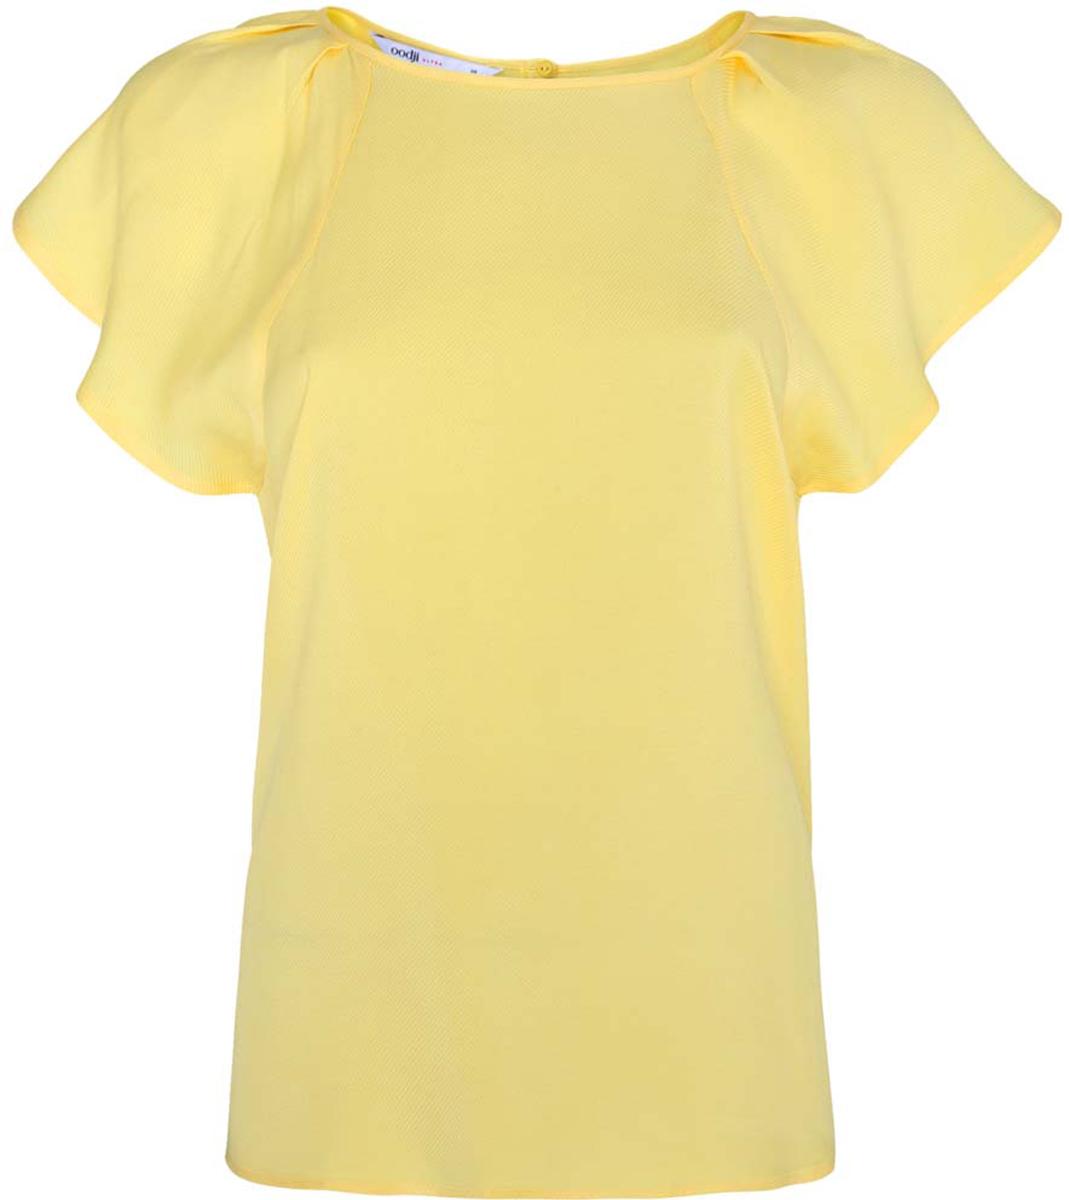 Блузка11411106/45542/7500NЖенская блузка oodji Ultra выполнена из вискозы. Модель с круглым вырезом горловины и рукавами-крылышками, на спинке застегивается на пуговицу.